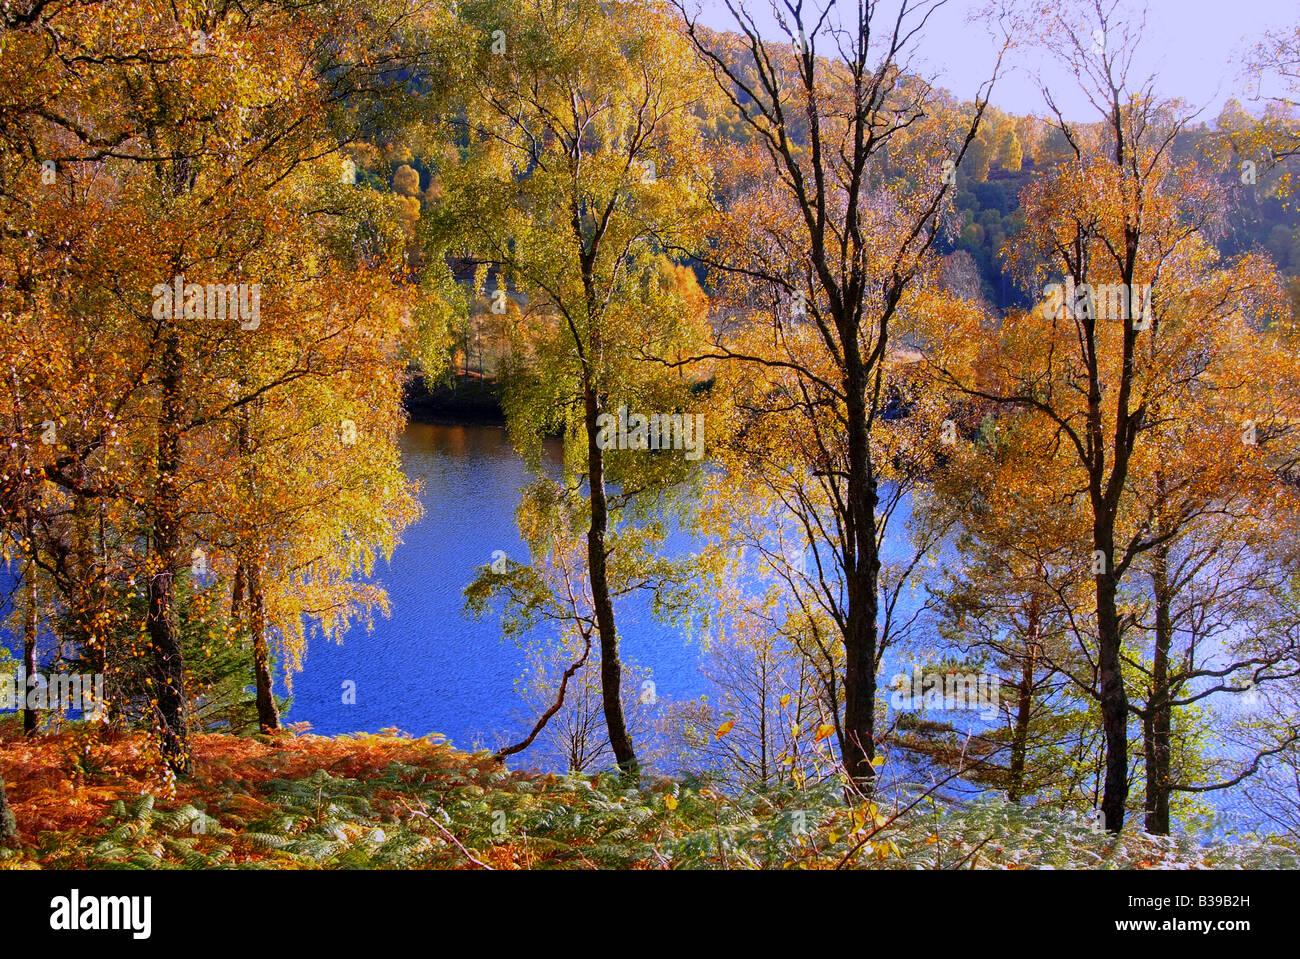 Regno Unito Scozia tayside perthshire argento di betulle in autunno Loch Tummel Immagini Stock